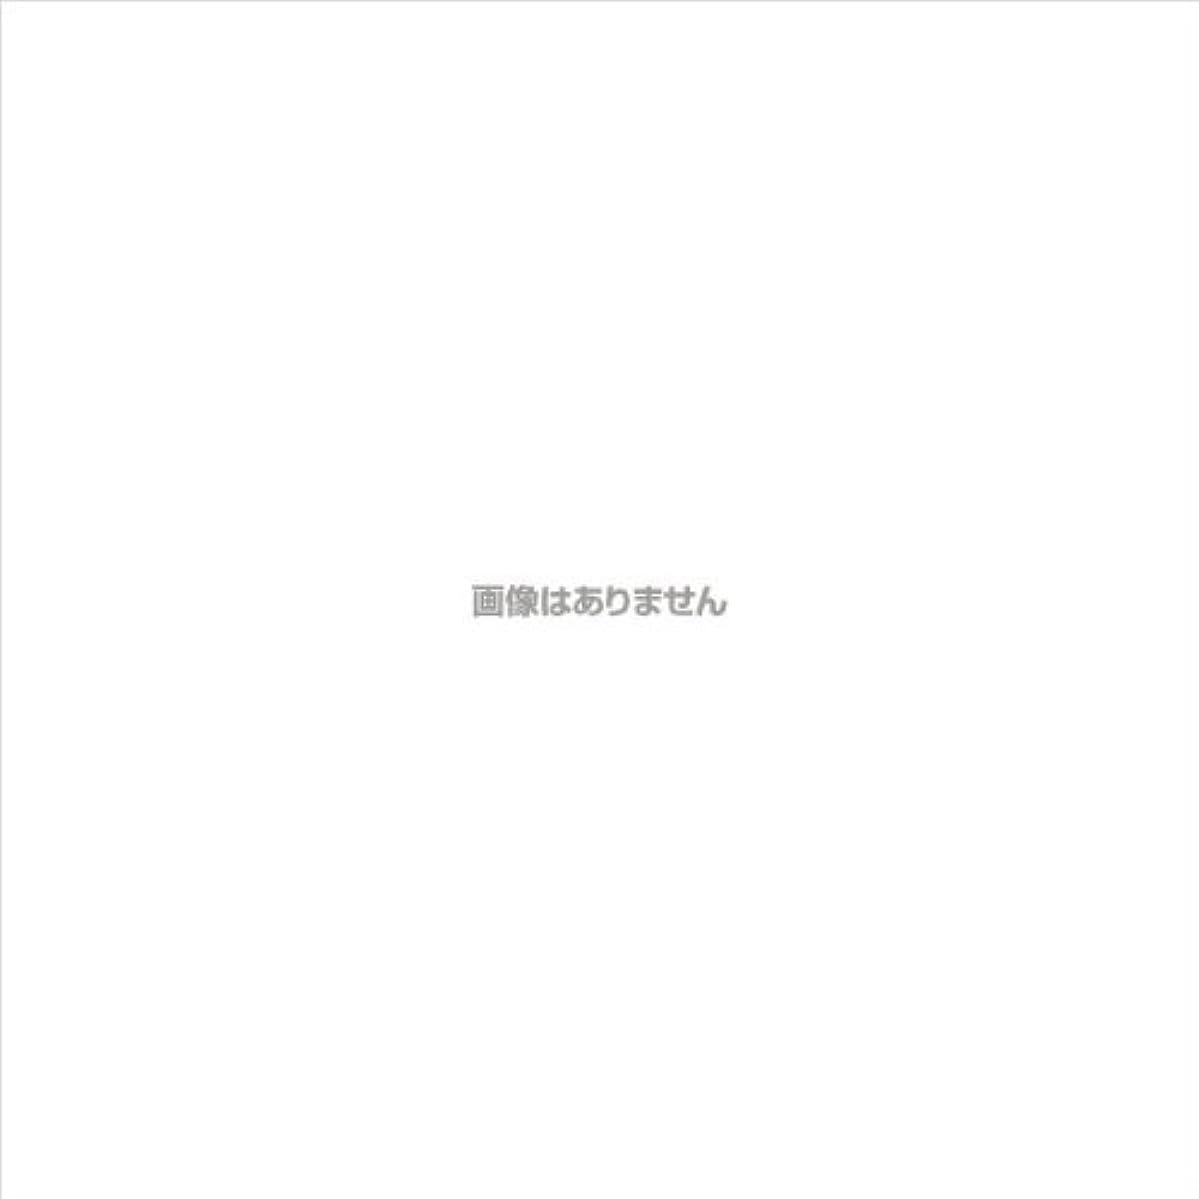 イディオム打倒多様性エブケアプラスチックグローブ粉付 箱入 / 1002 100枚 L ケース(30小箱入)